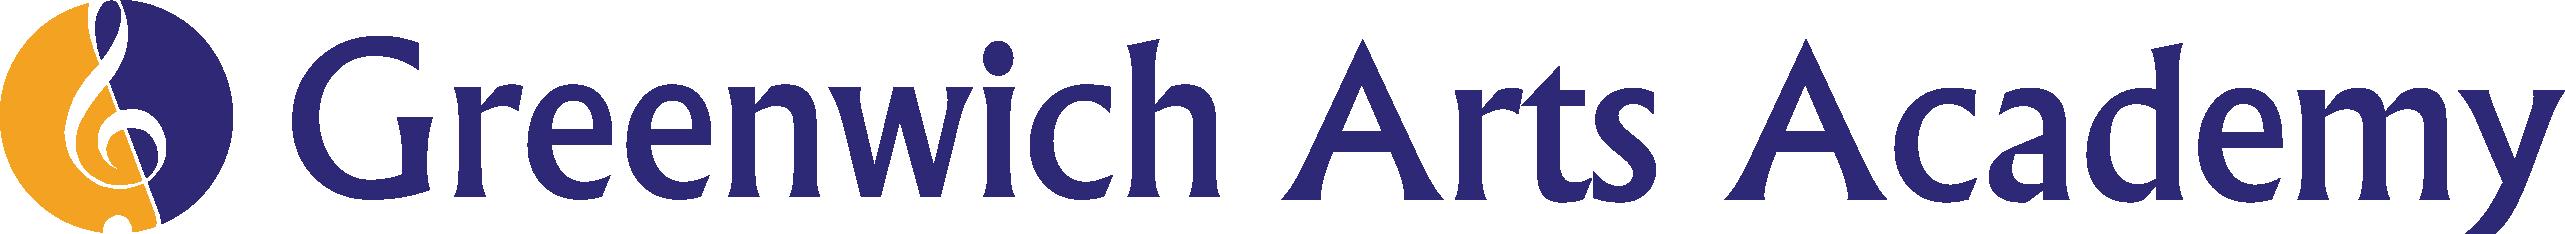 Greenwich Arts Academy Logo